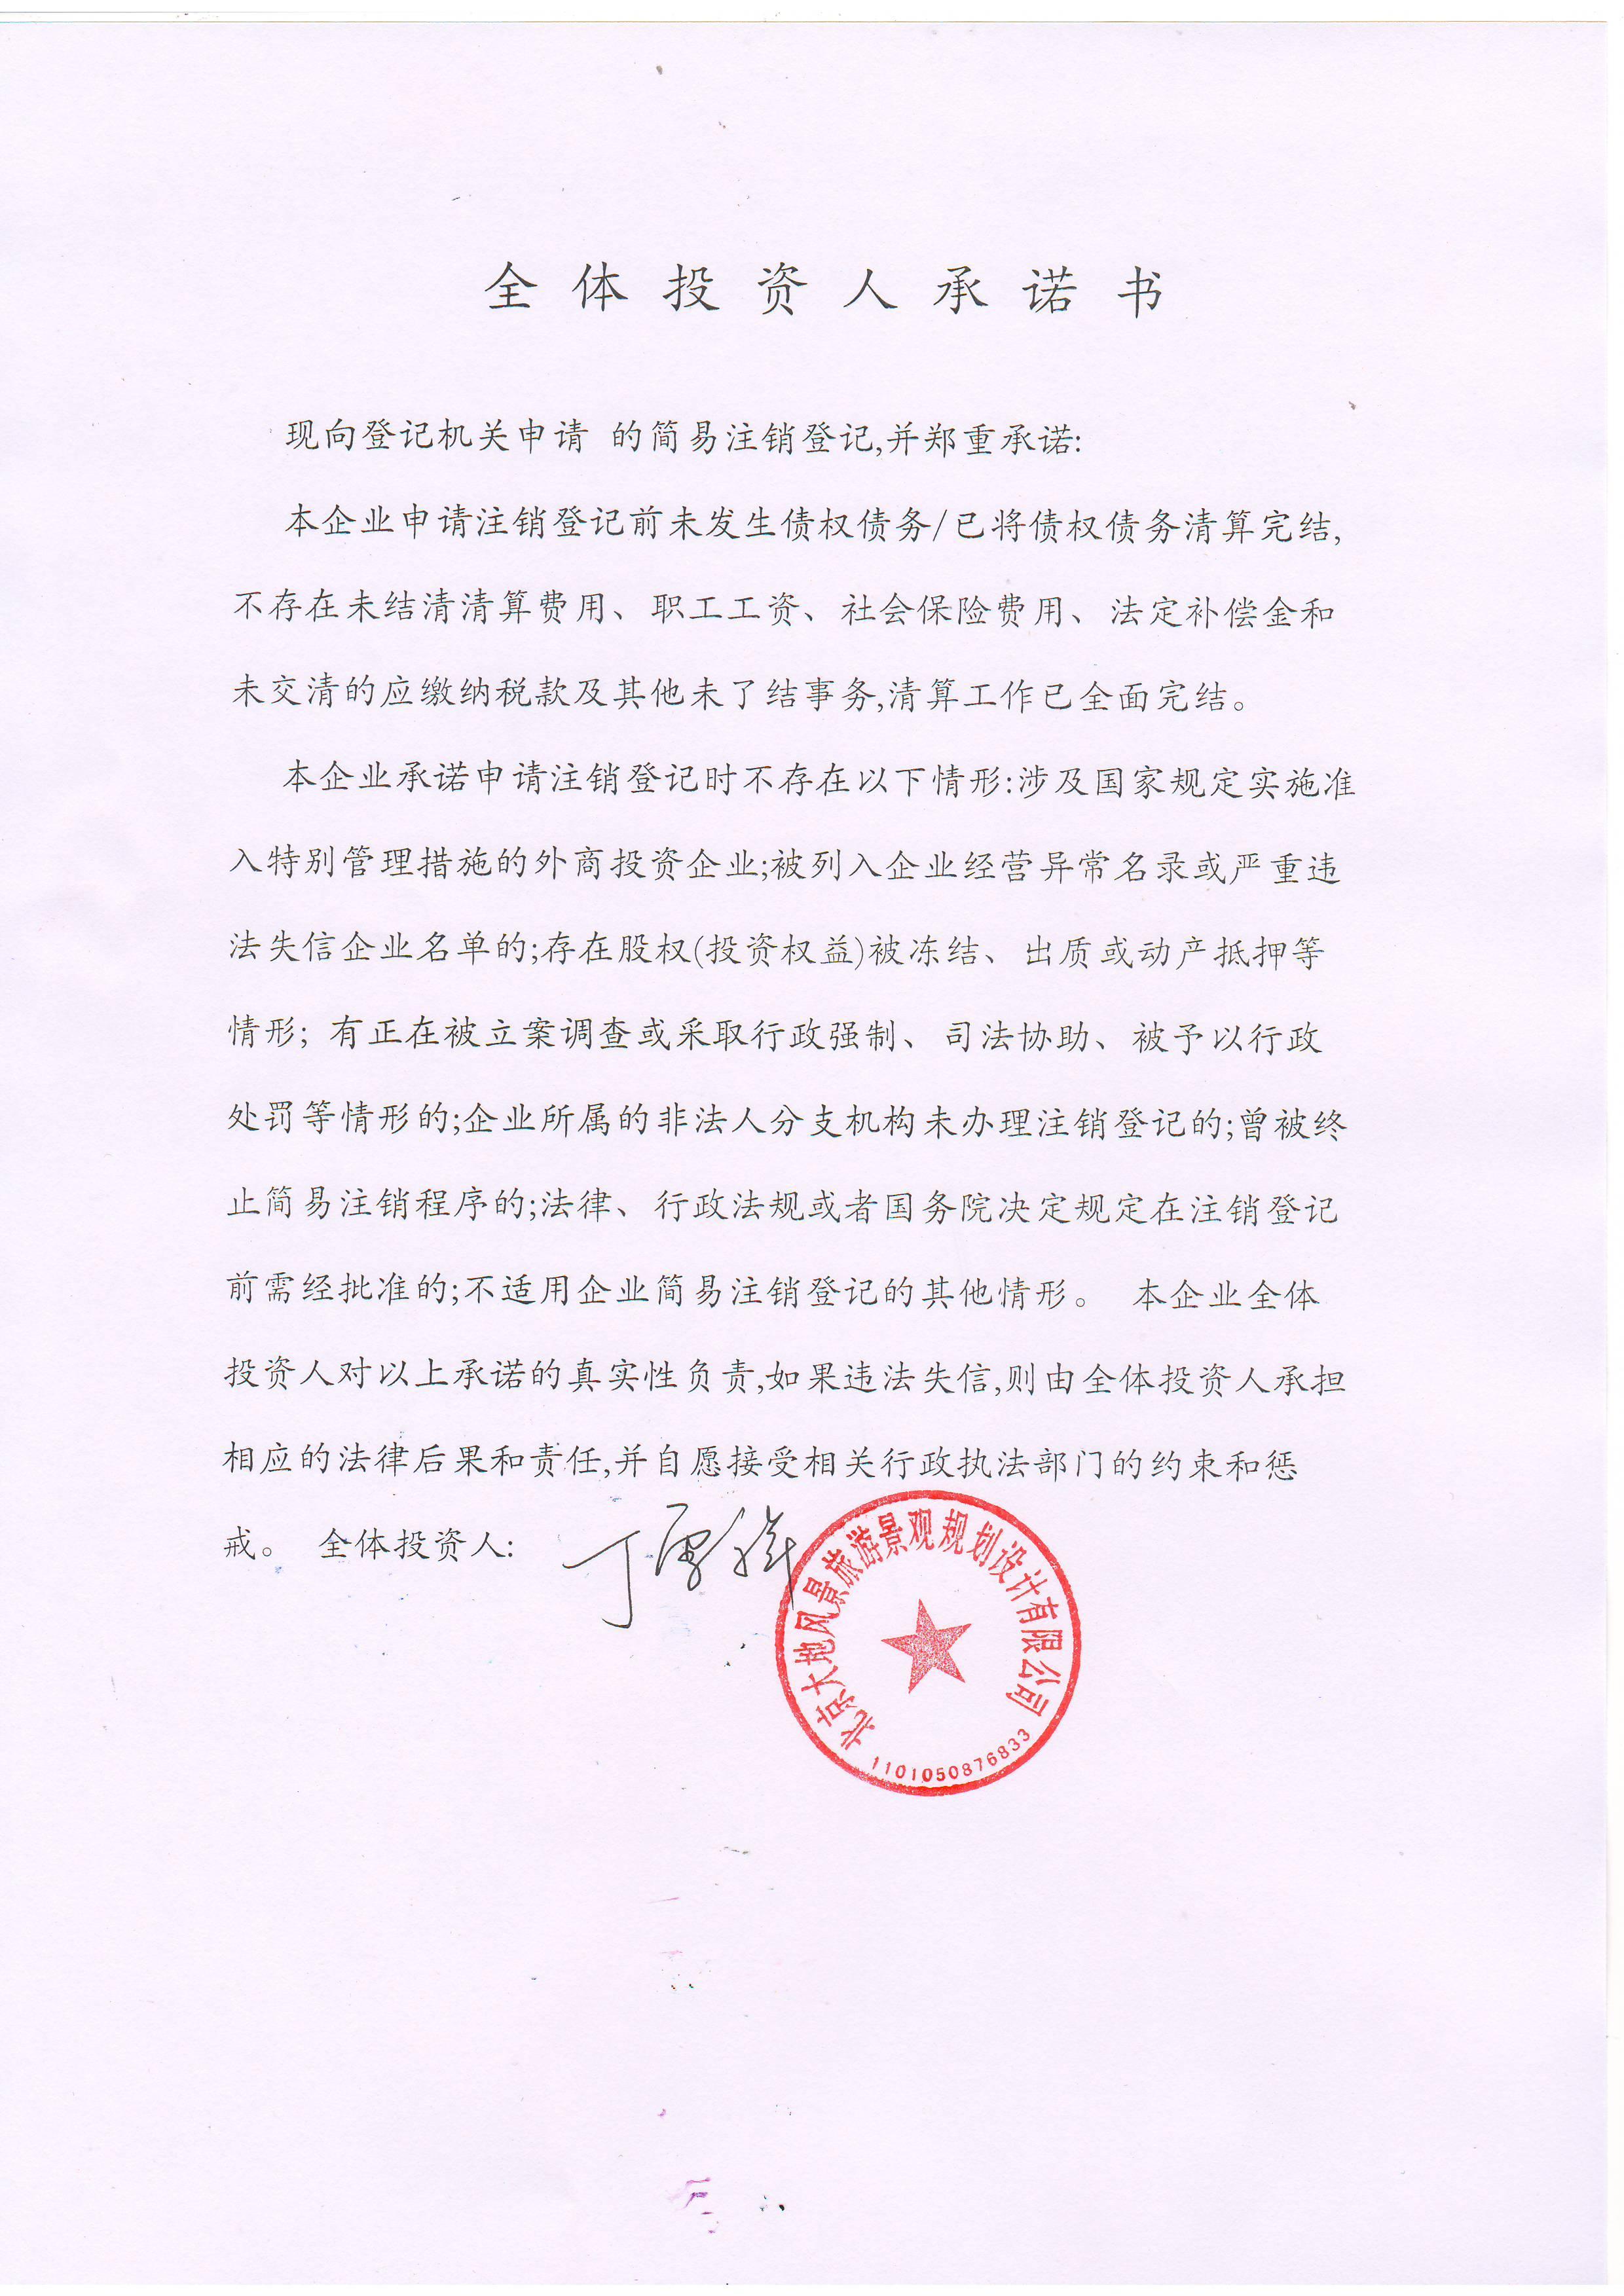 大地风景(上海)旅游咨询有限公司